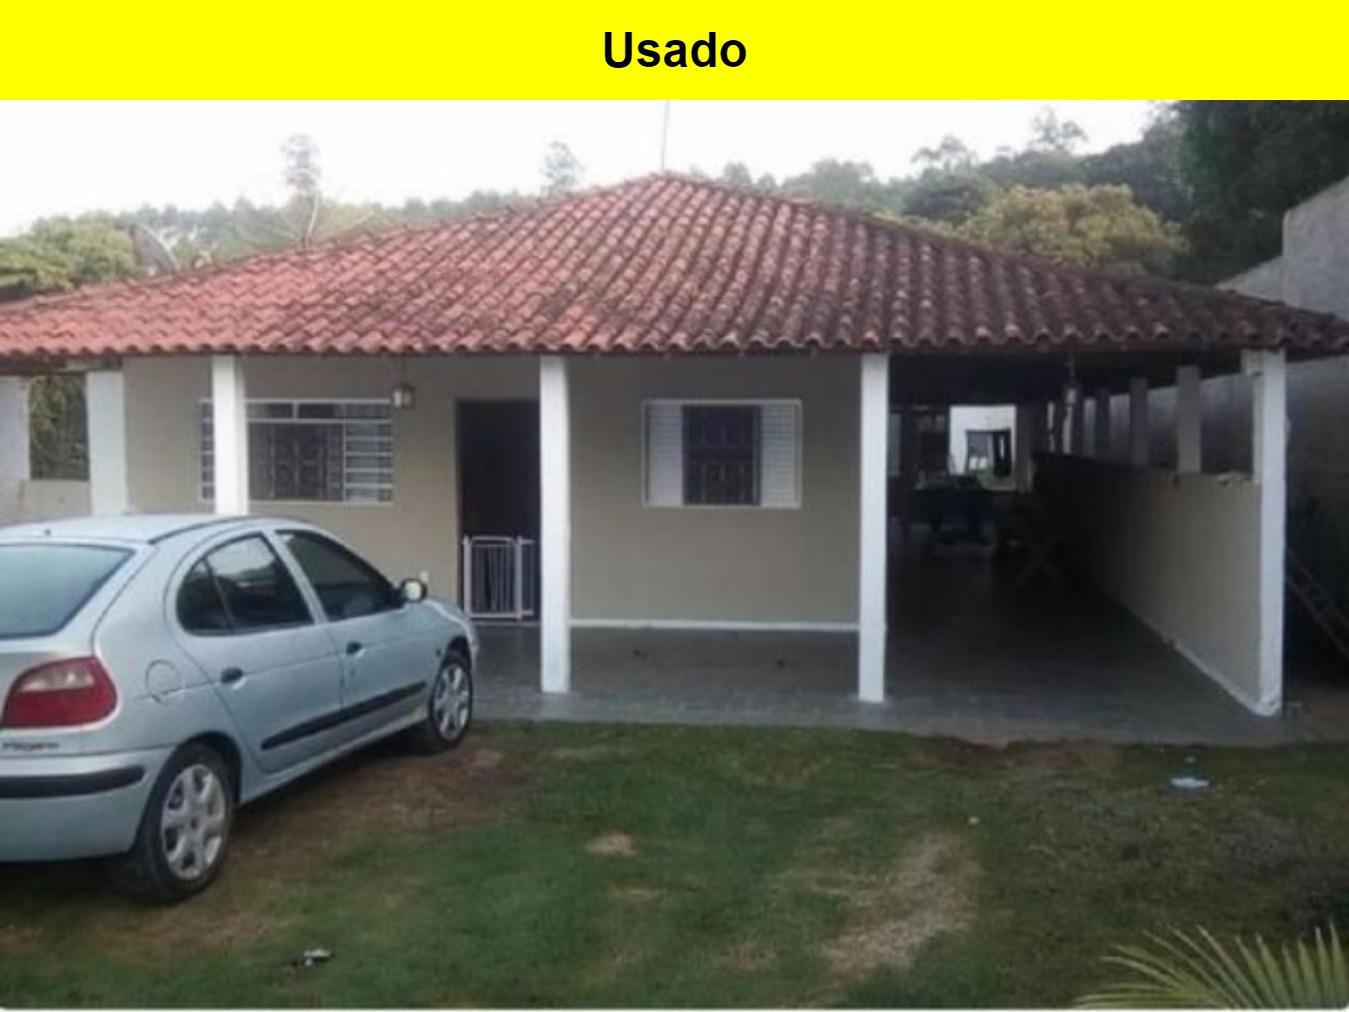 Chacara a venda no Jardim Dalas, Salto de Pirapora - SP